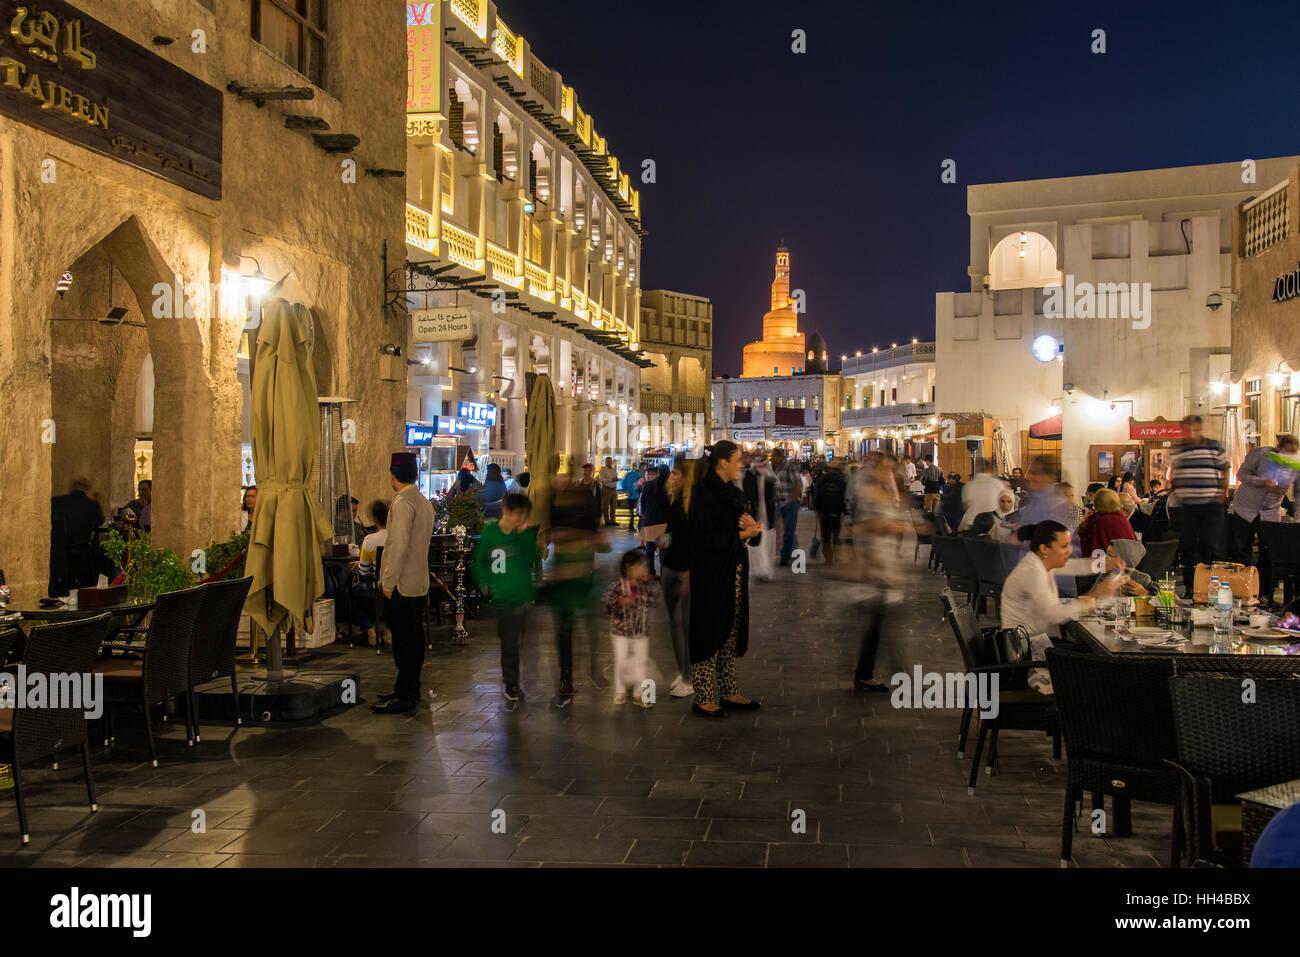 Vista notturna di outdoor cafe ristorante lungo la zona pedonale di Souq Waqif area, Doha, Qatar Immagini Stock